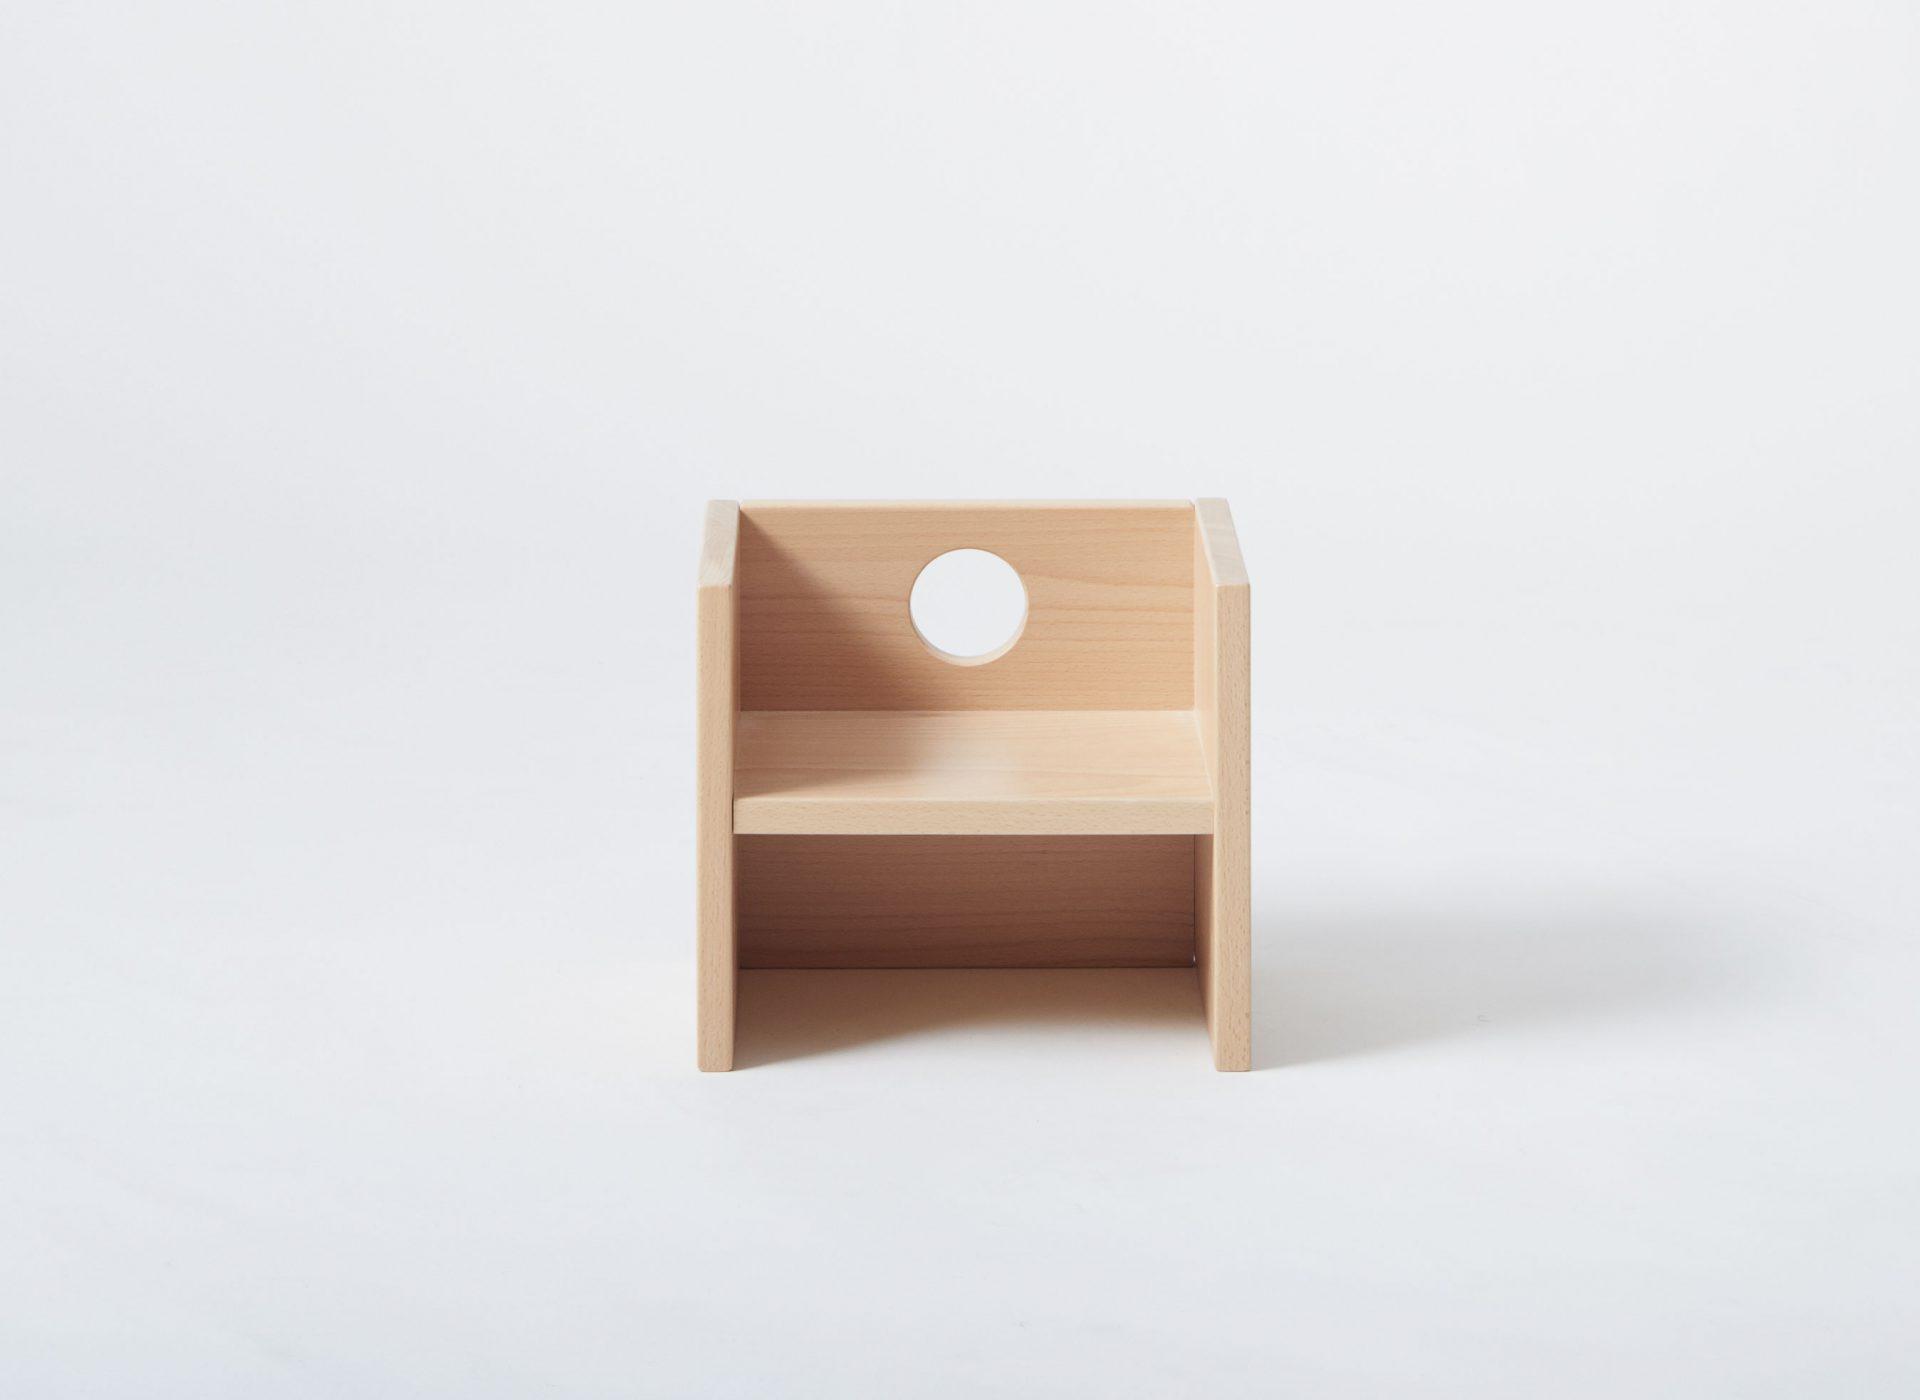 papoq-hocker-kinderstuhl-mini-01